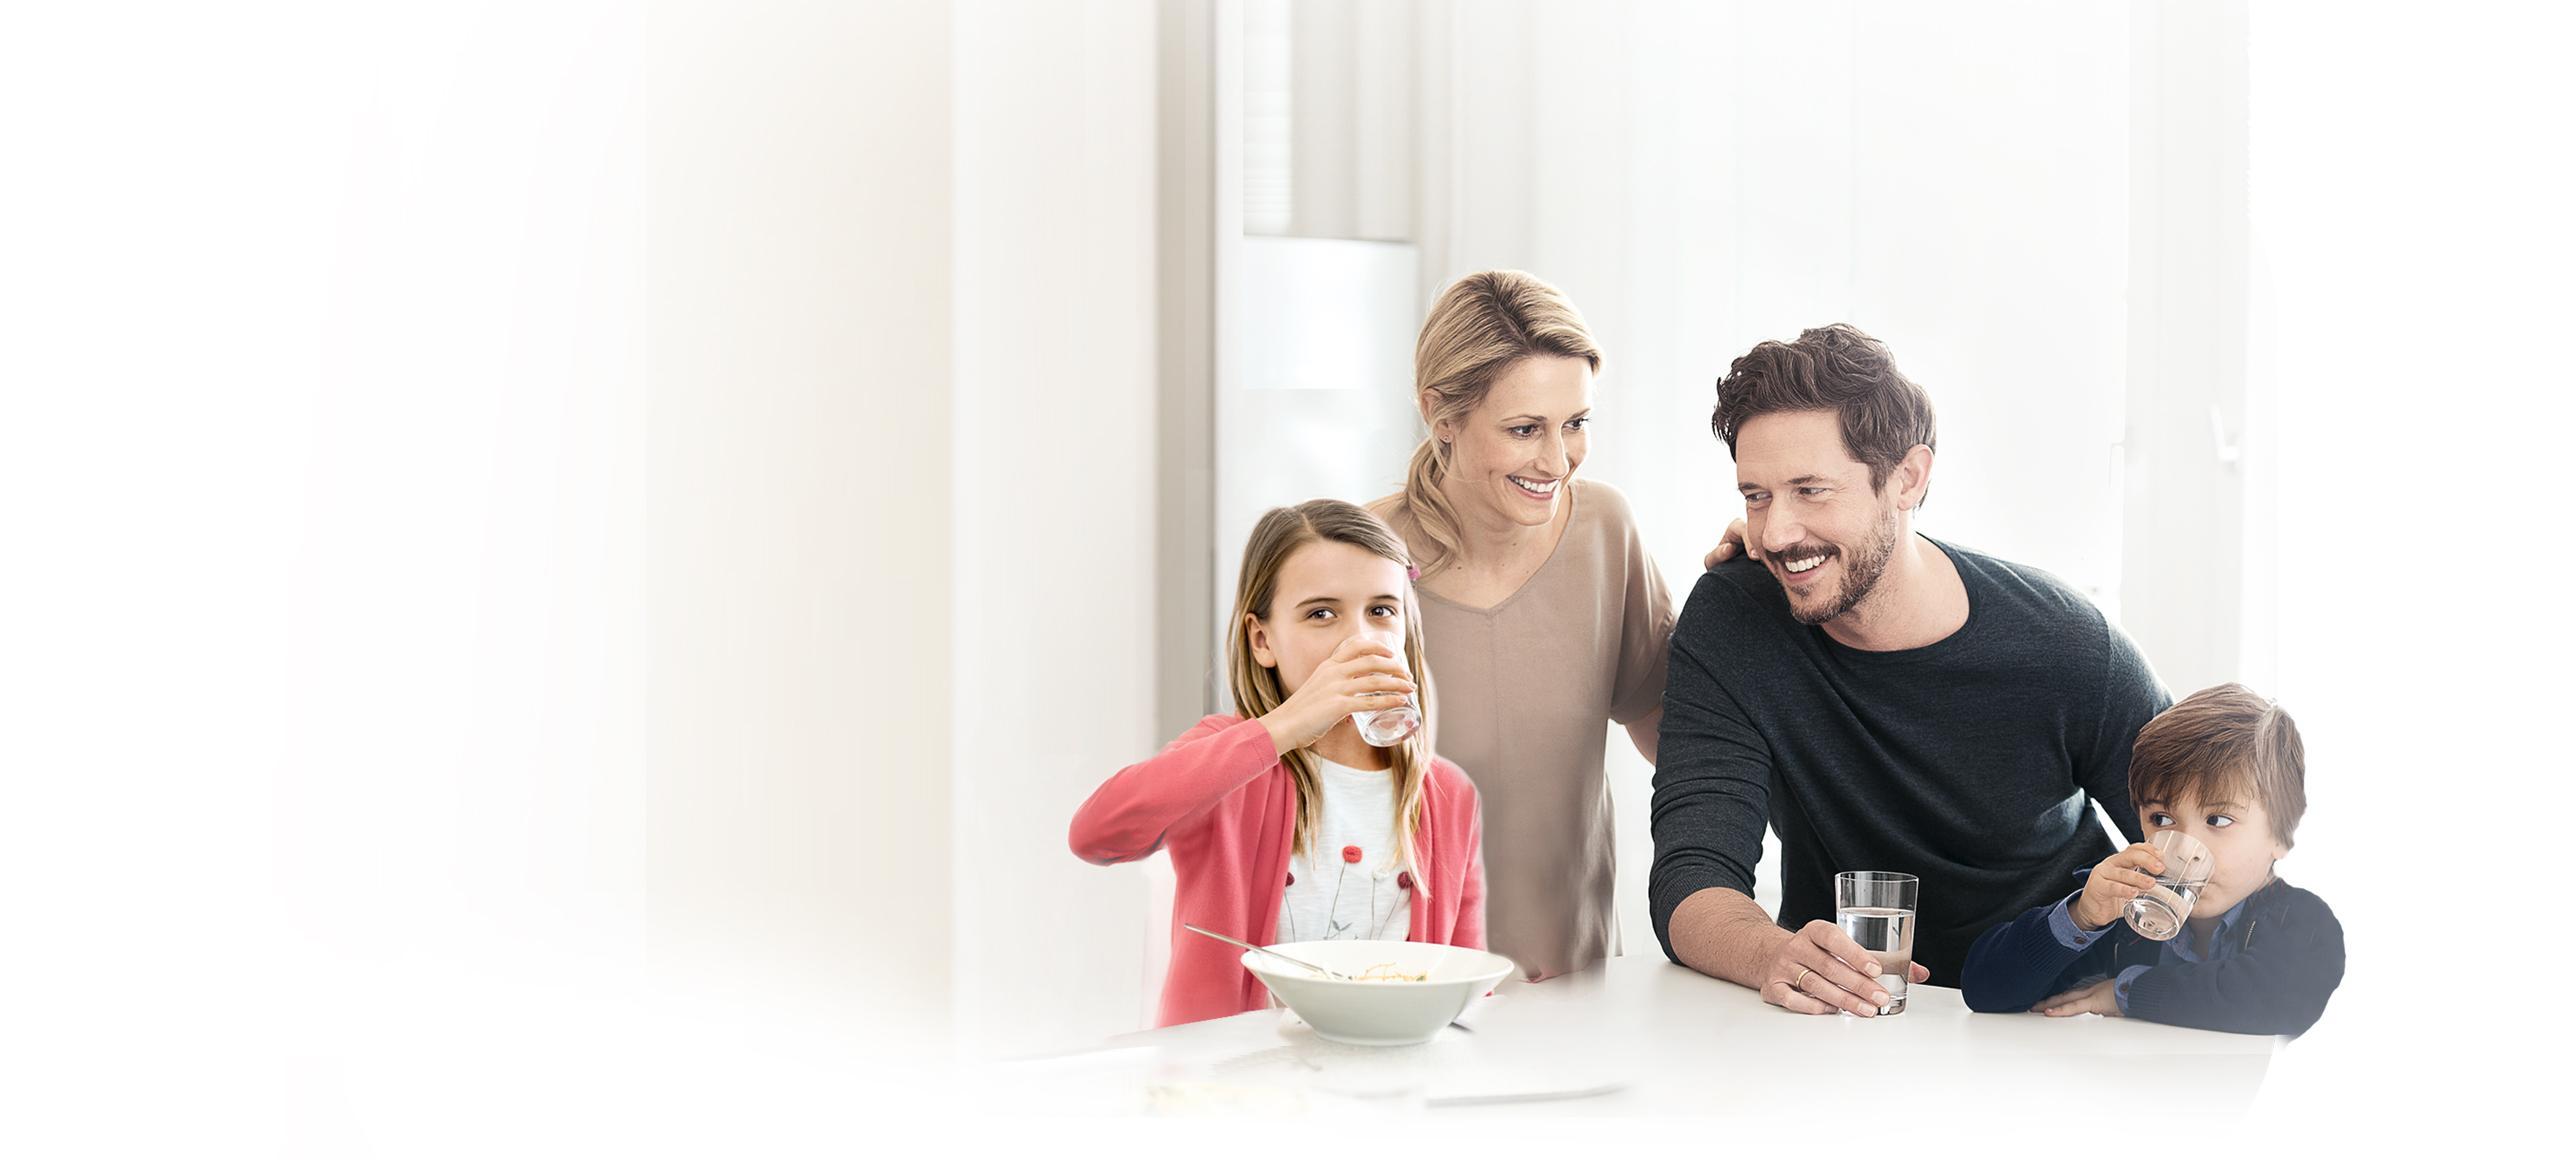 Rodina kolem kuchyňského stolu